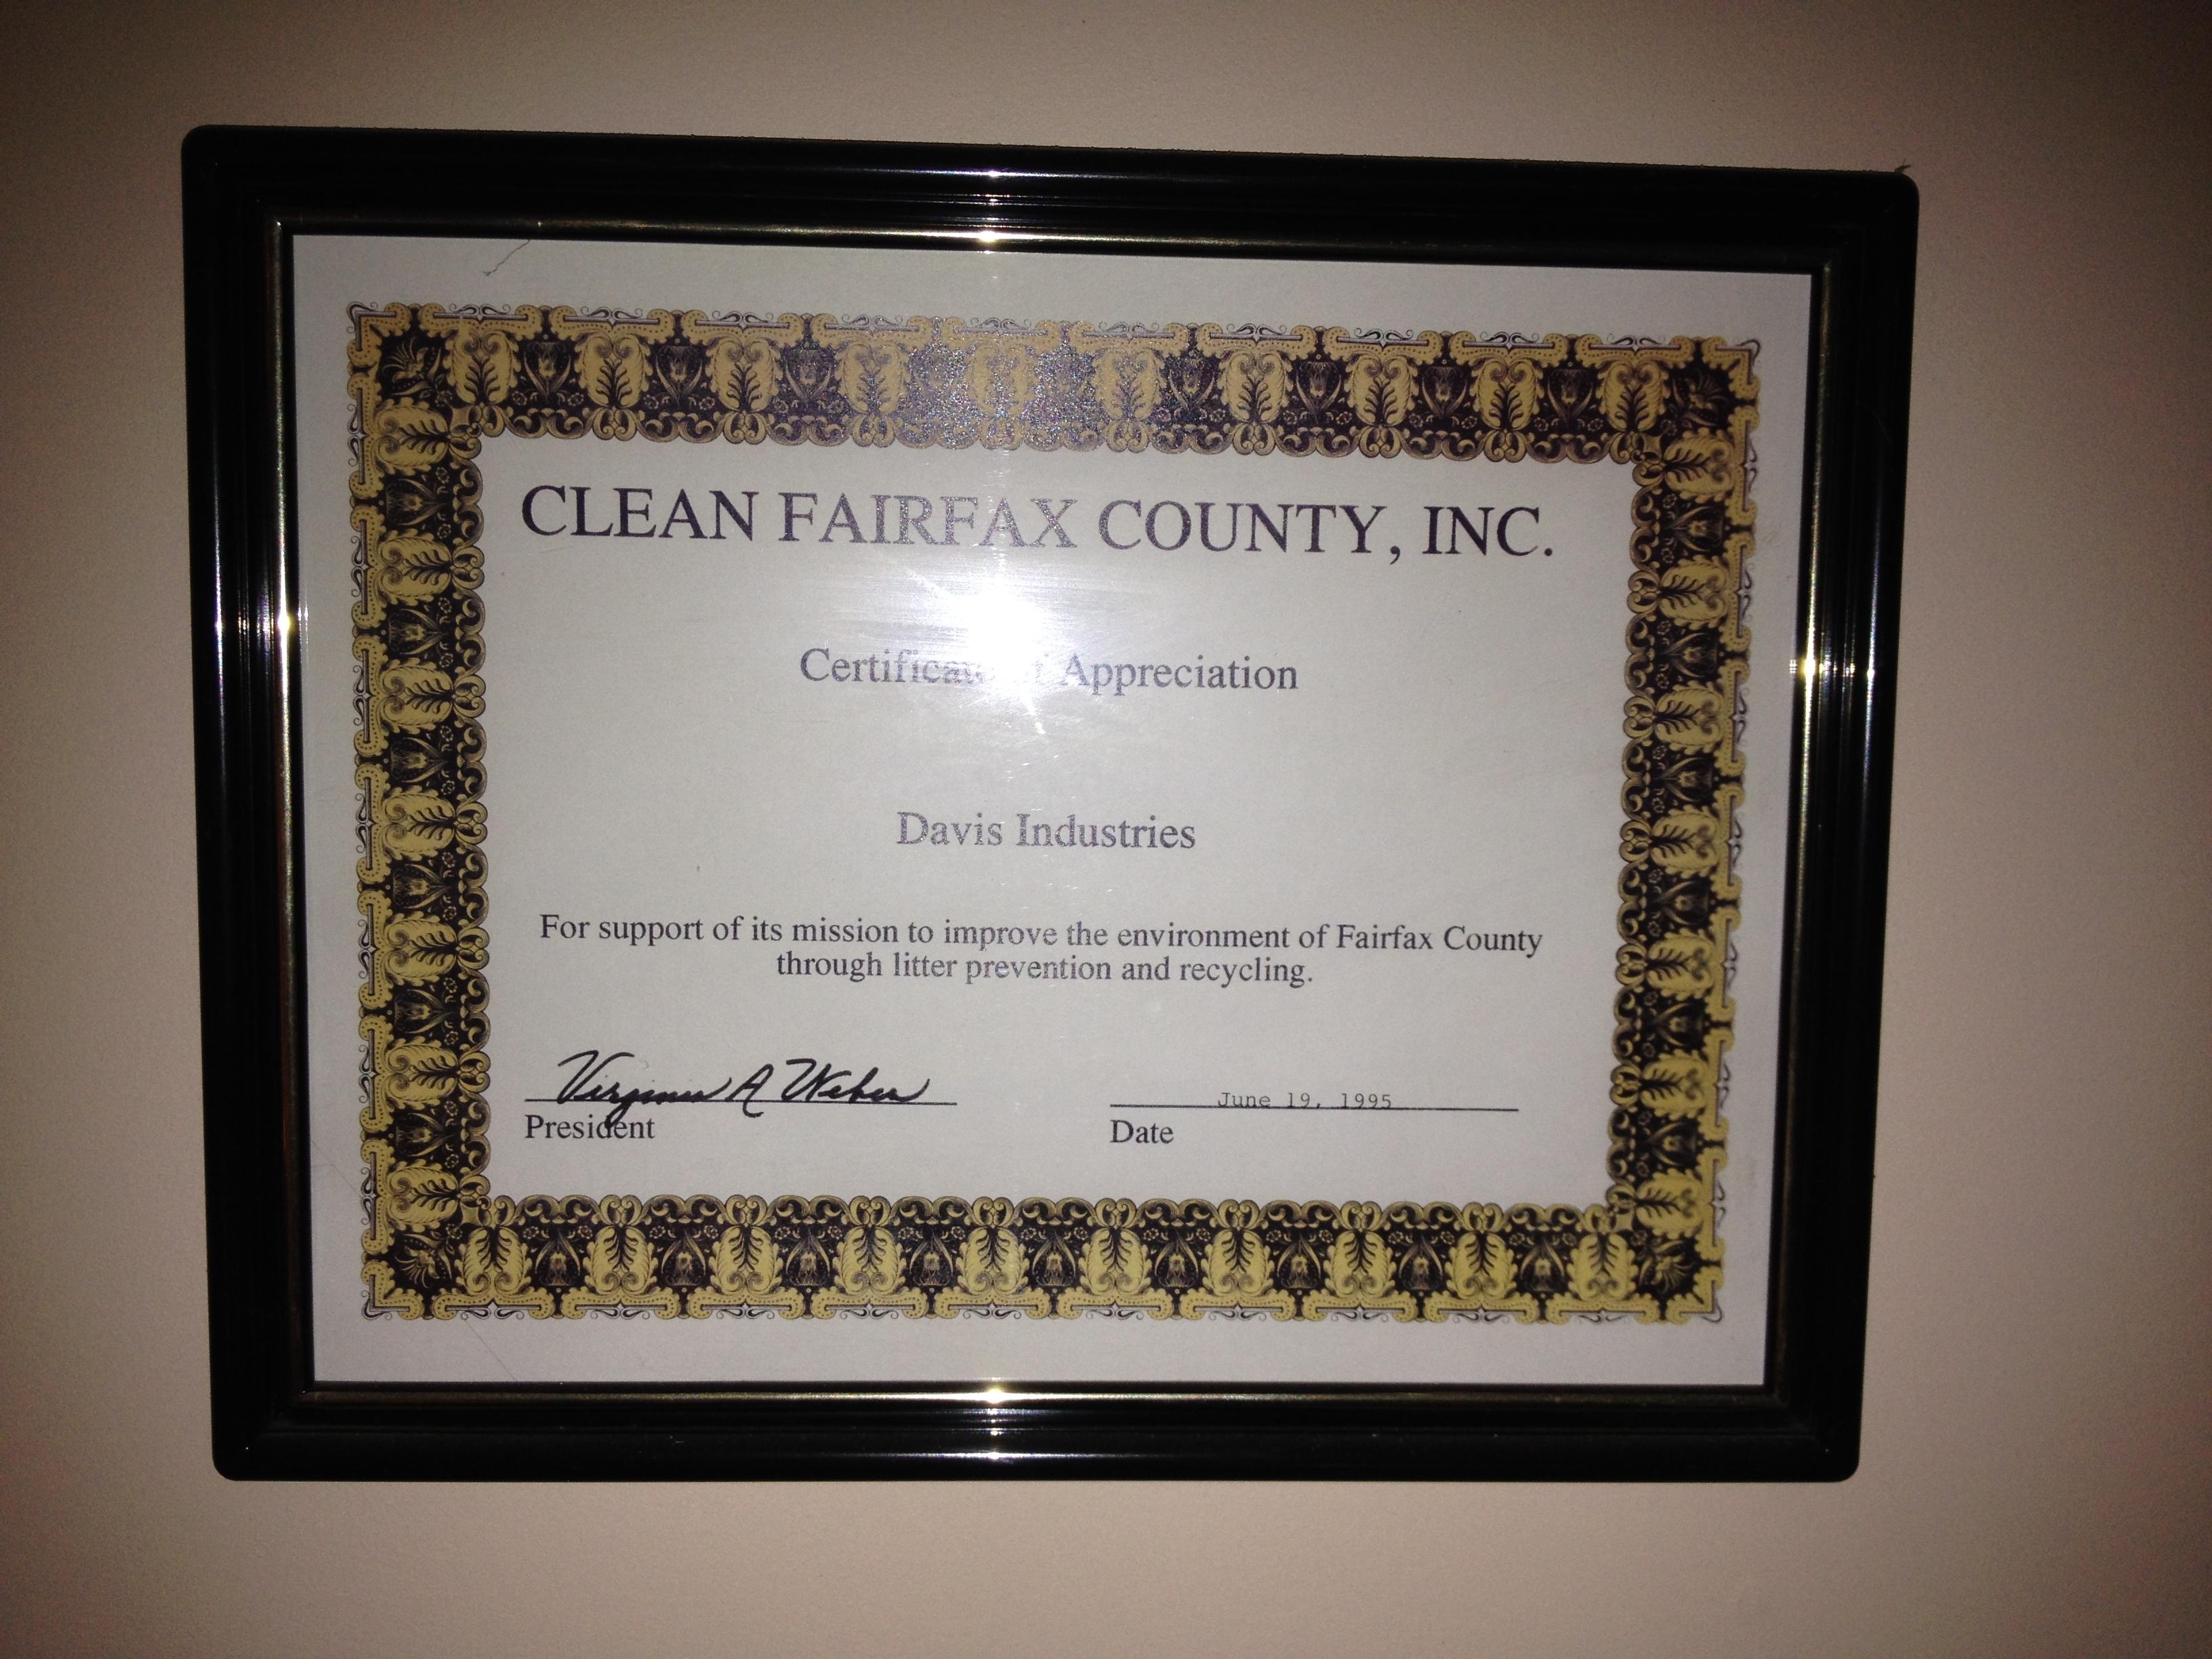 Clean Fairfax